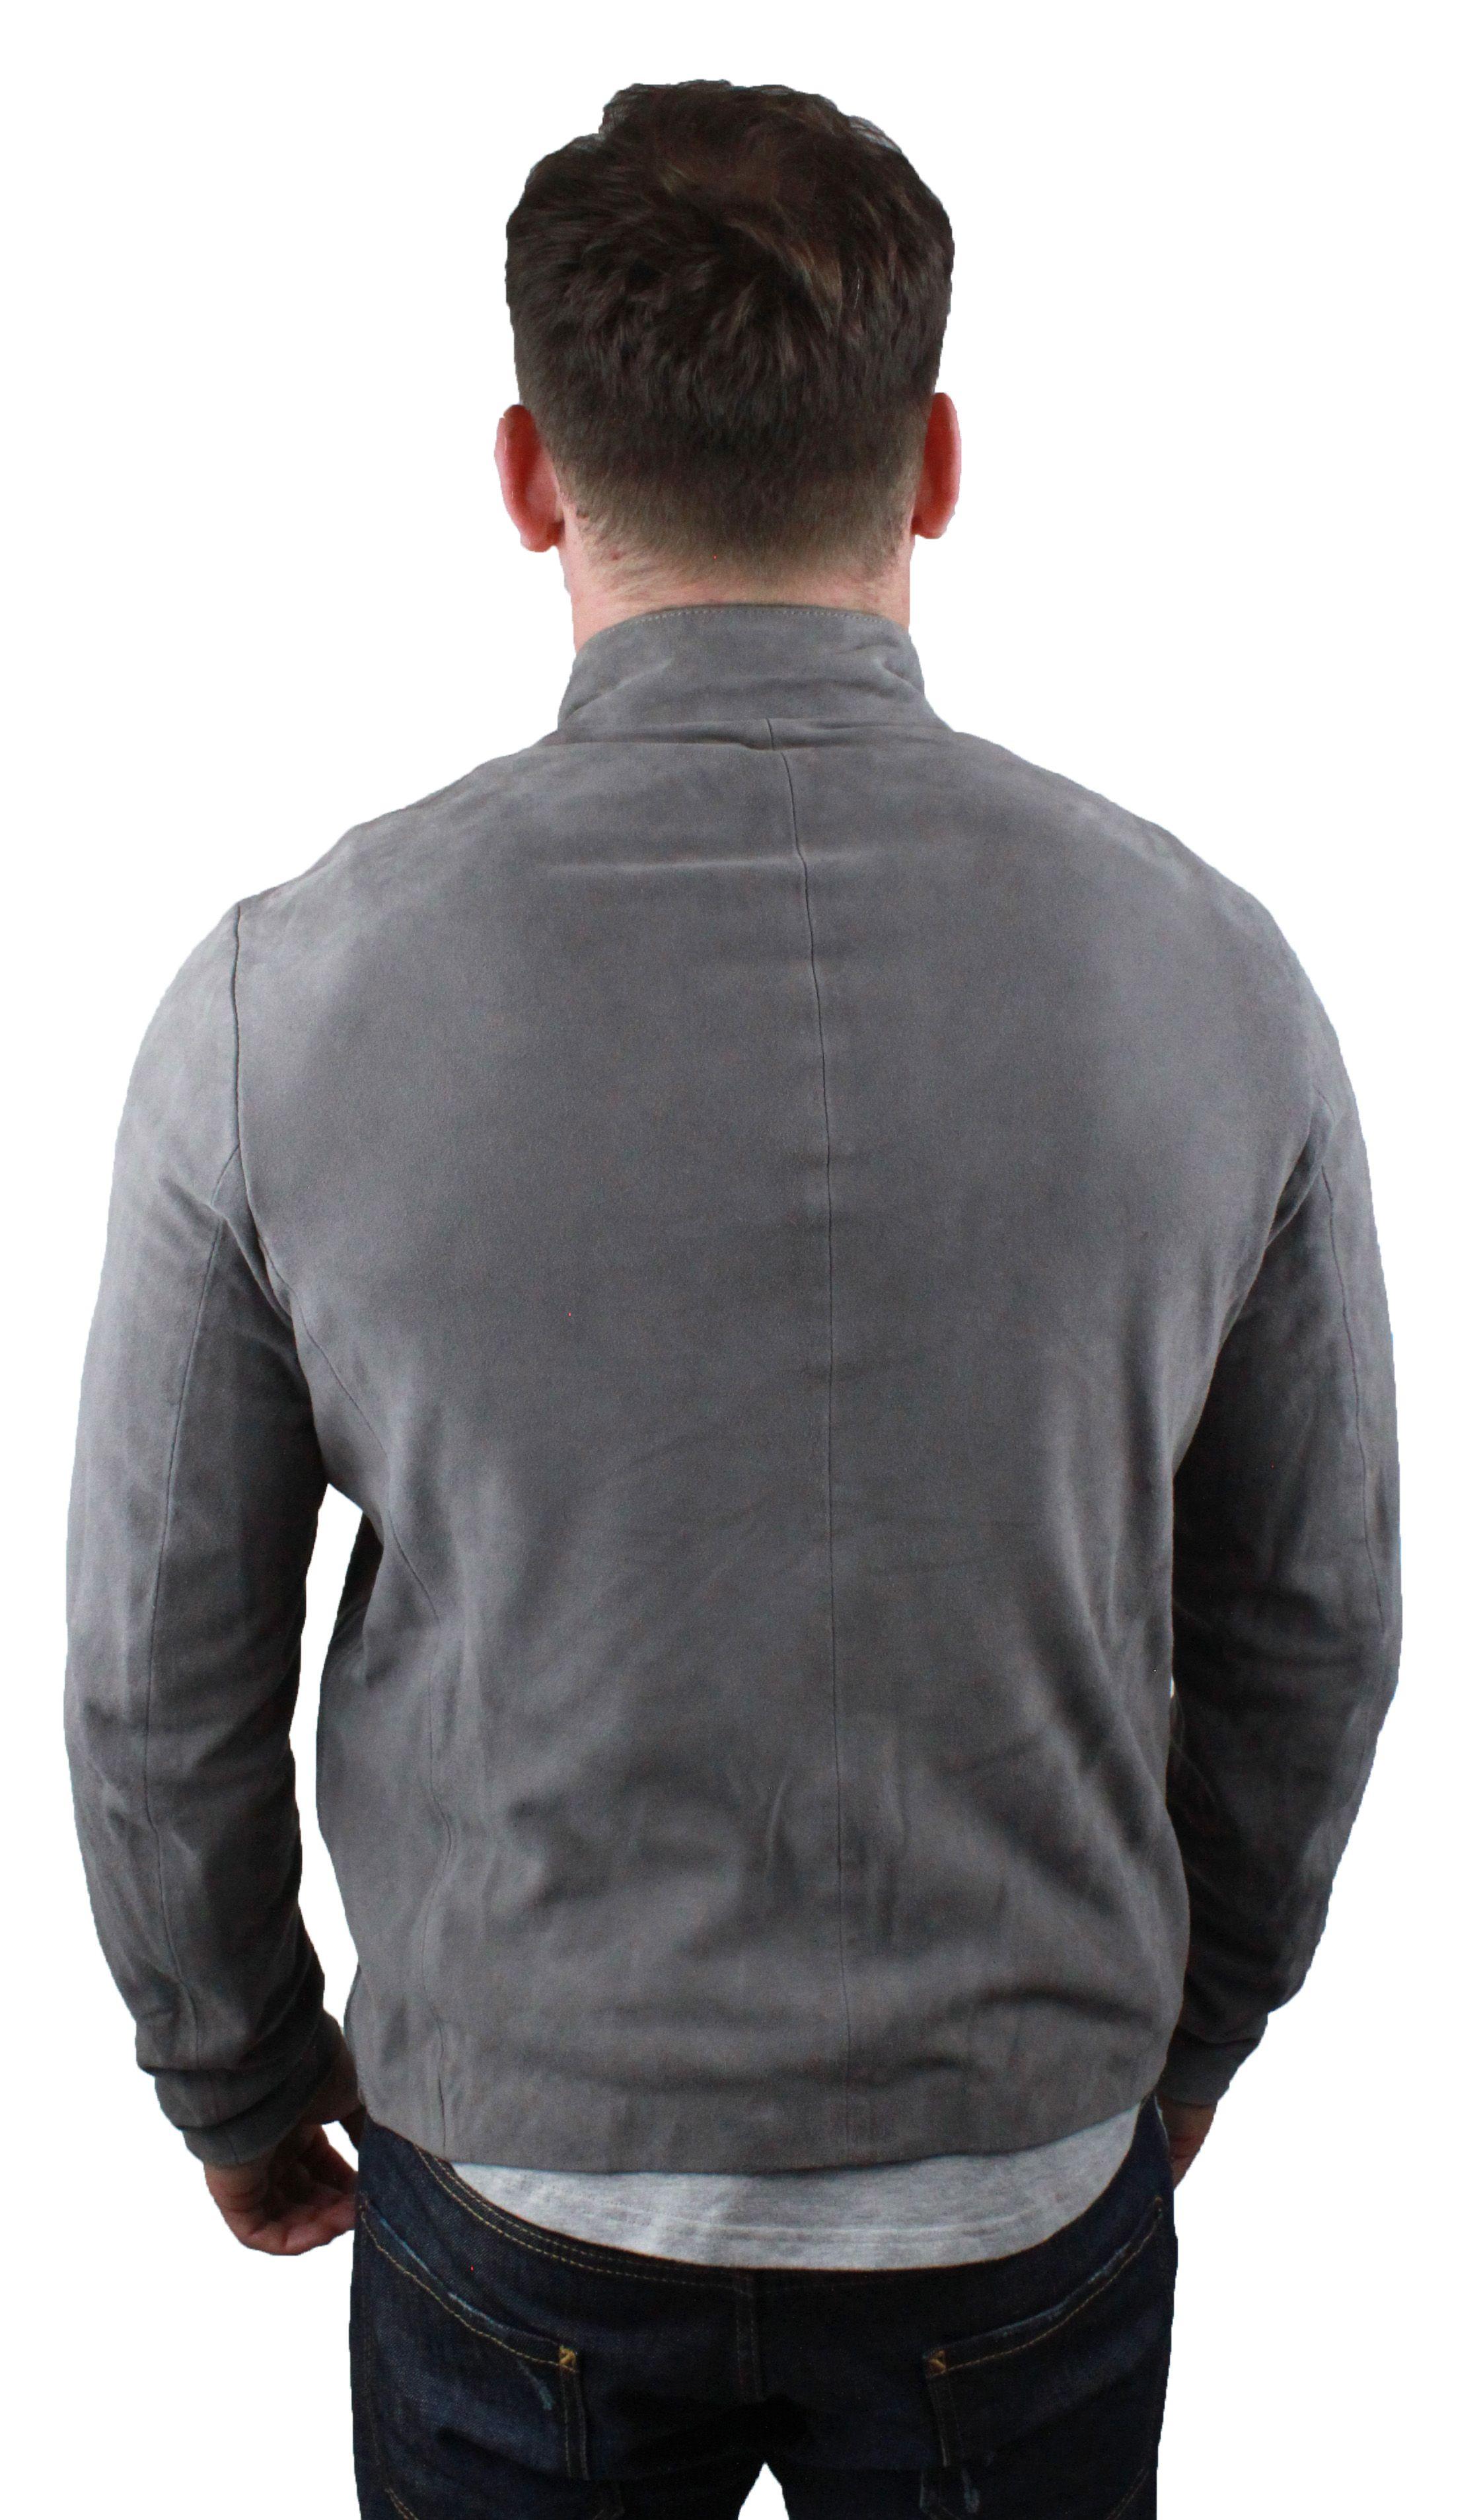 Emporio Armani 3Z1BM7 1LBBZ 0645 Leather Jacket